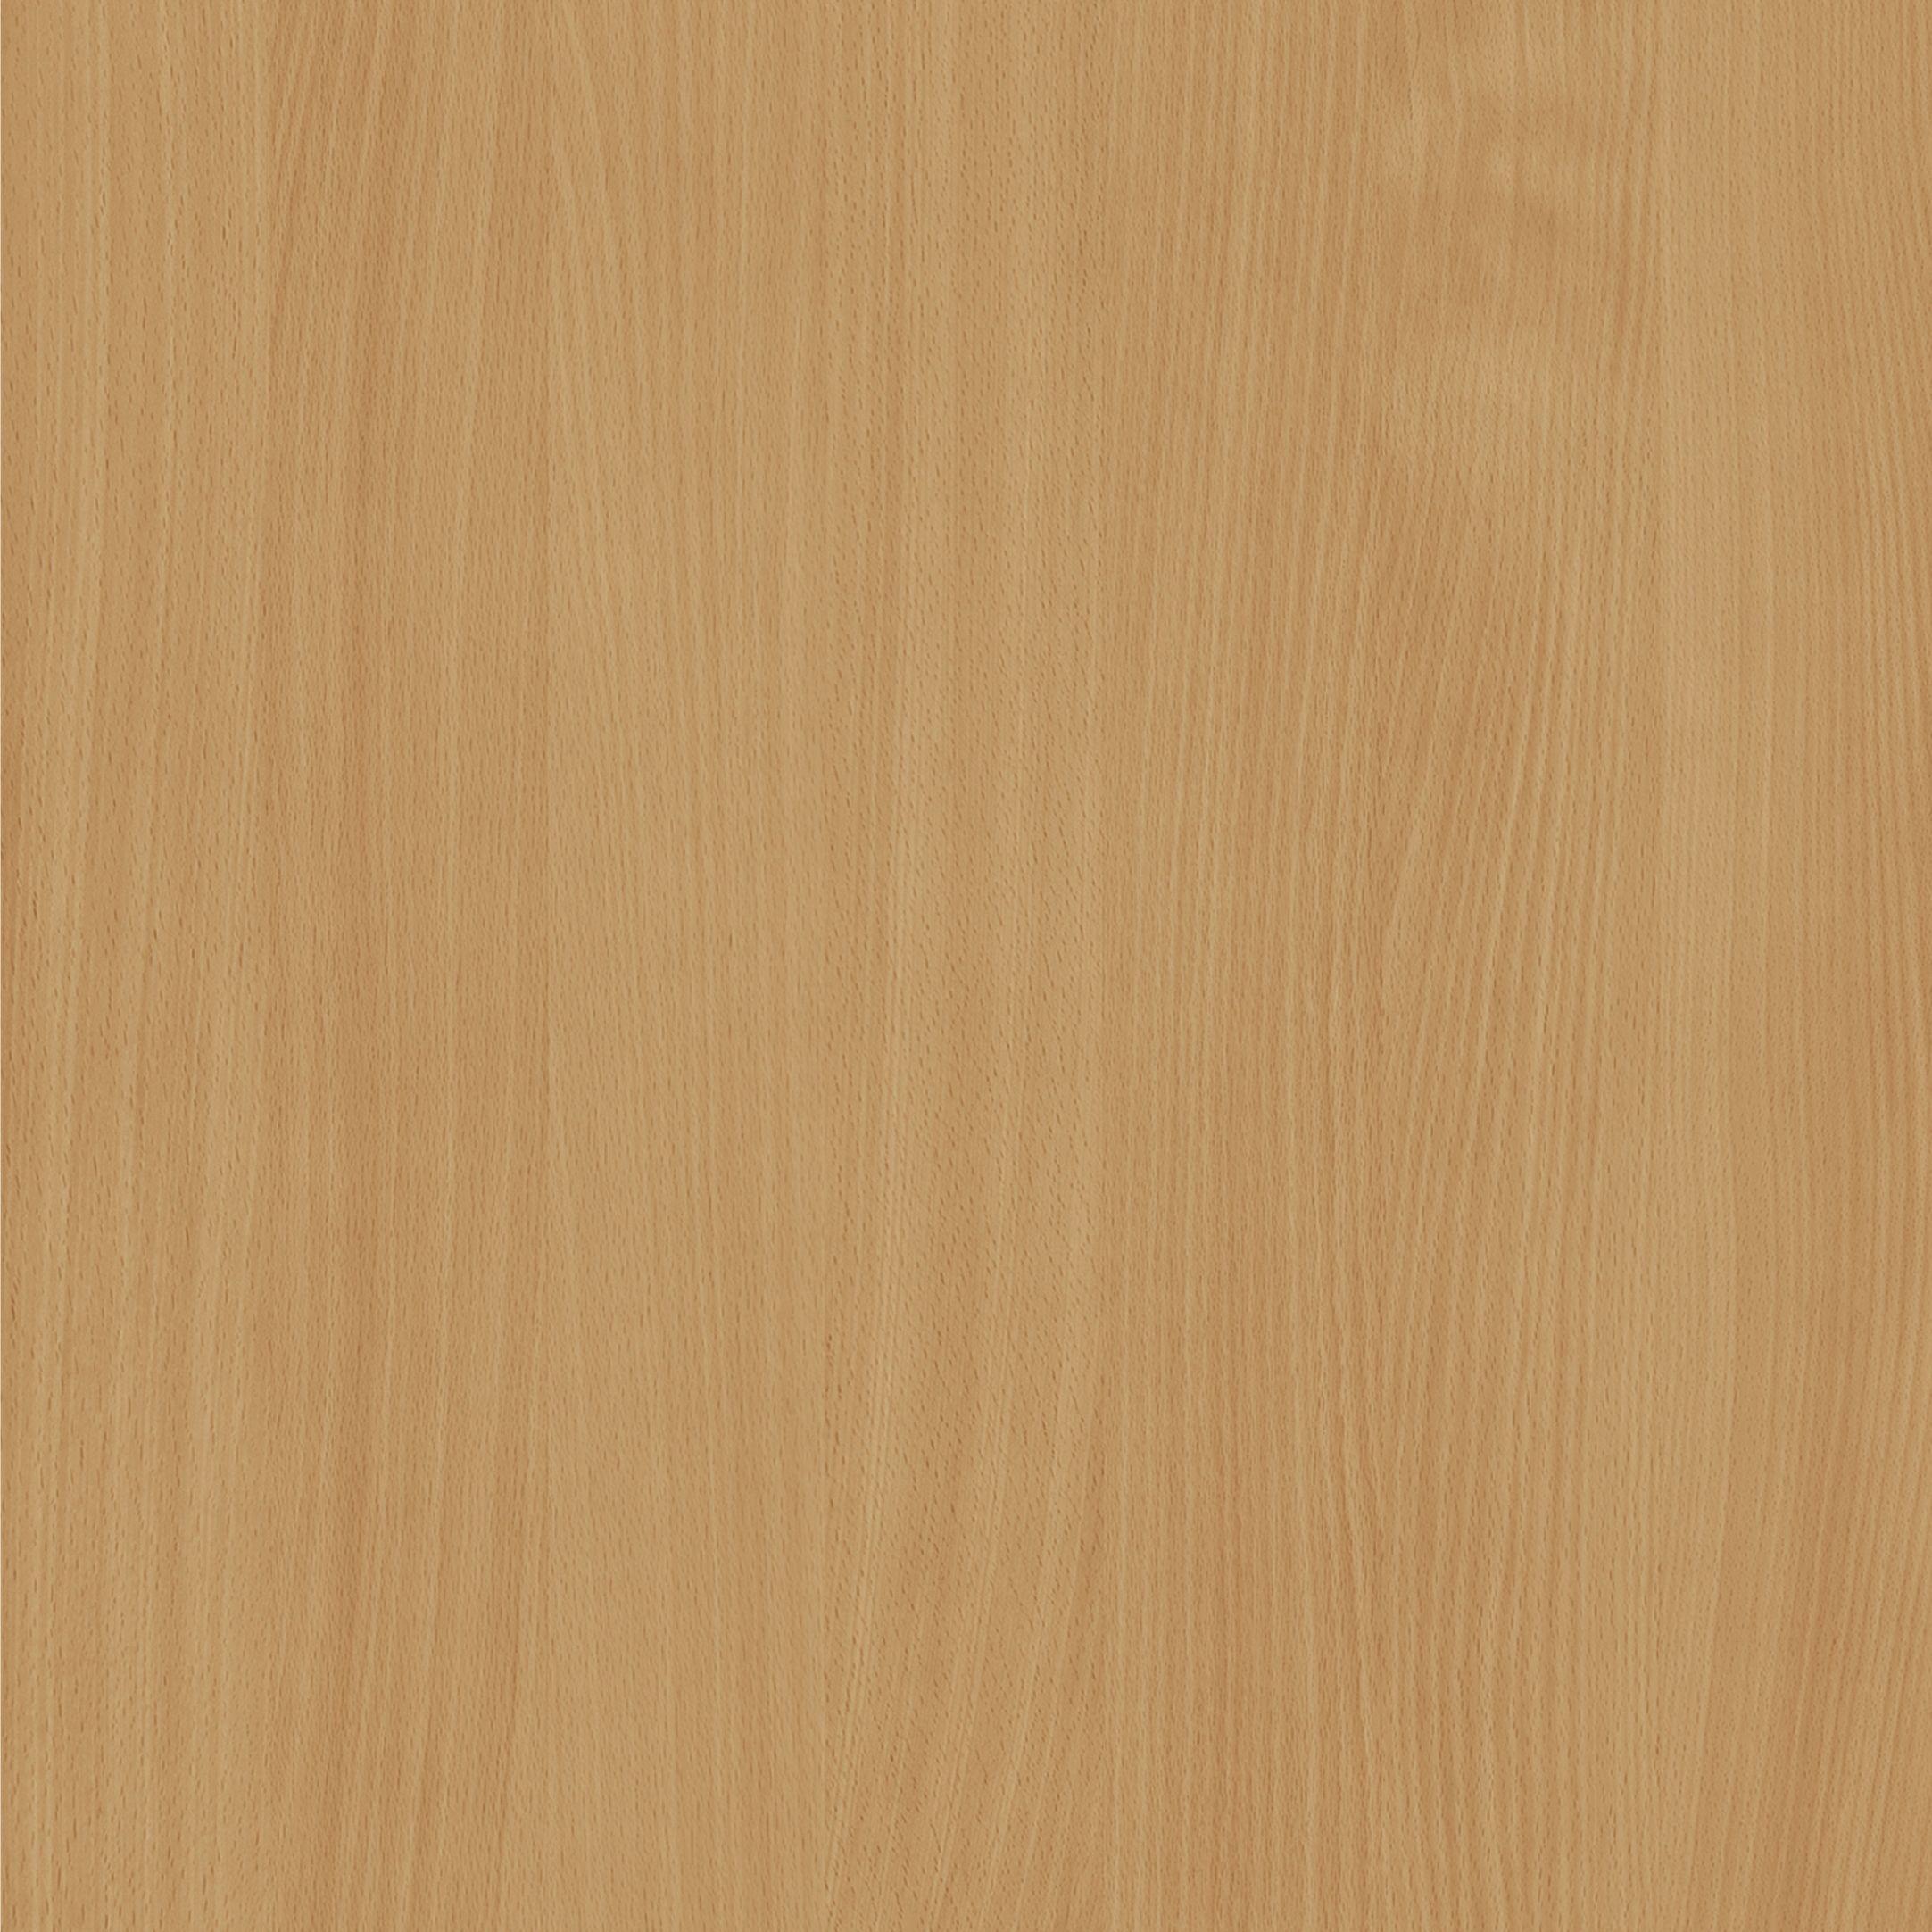 Furniture Panel Beech L 2440mm W 450mm T 18mm